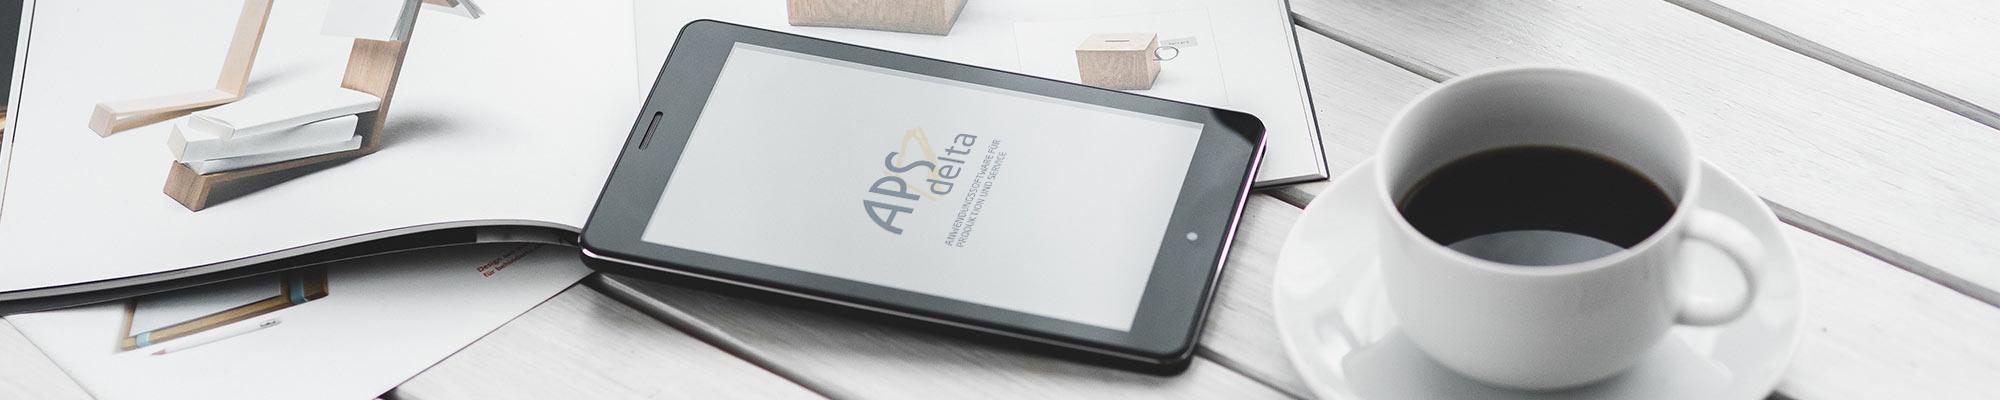 APS Tablet Kaffee